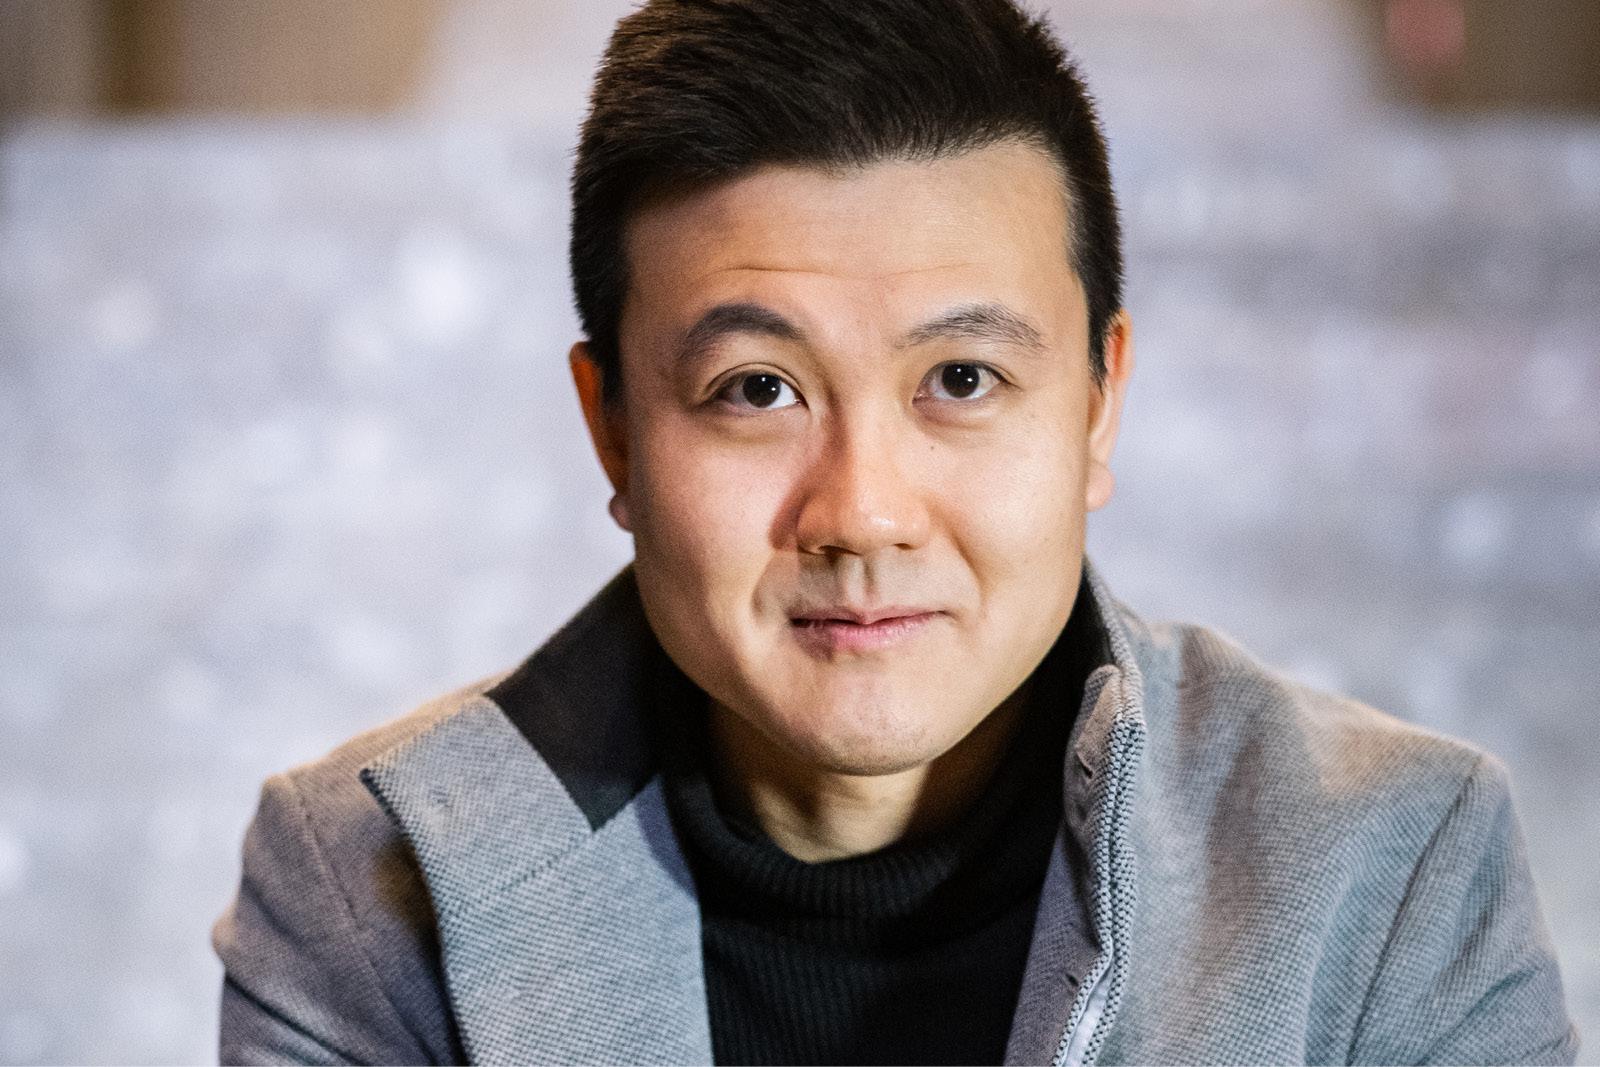 Thaddeus Huang